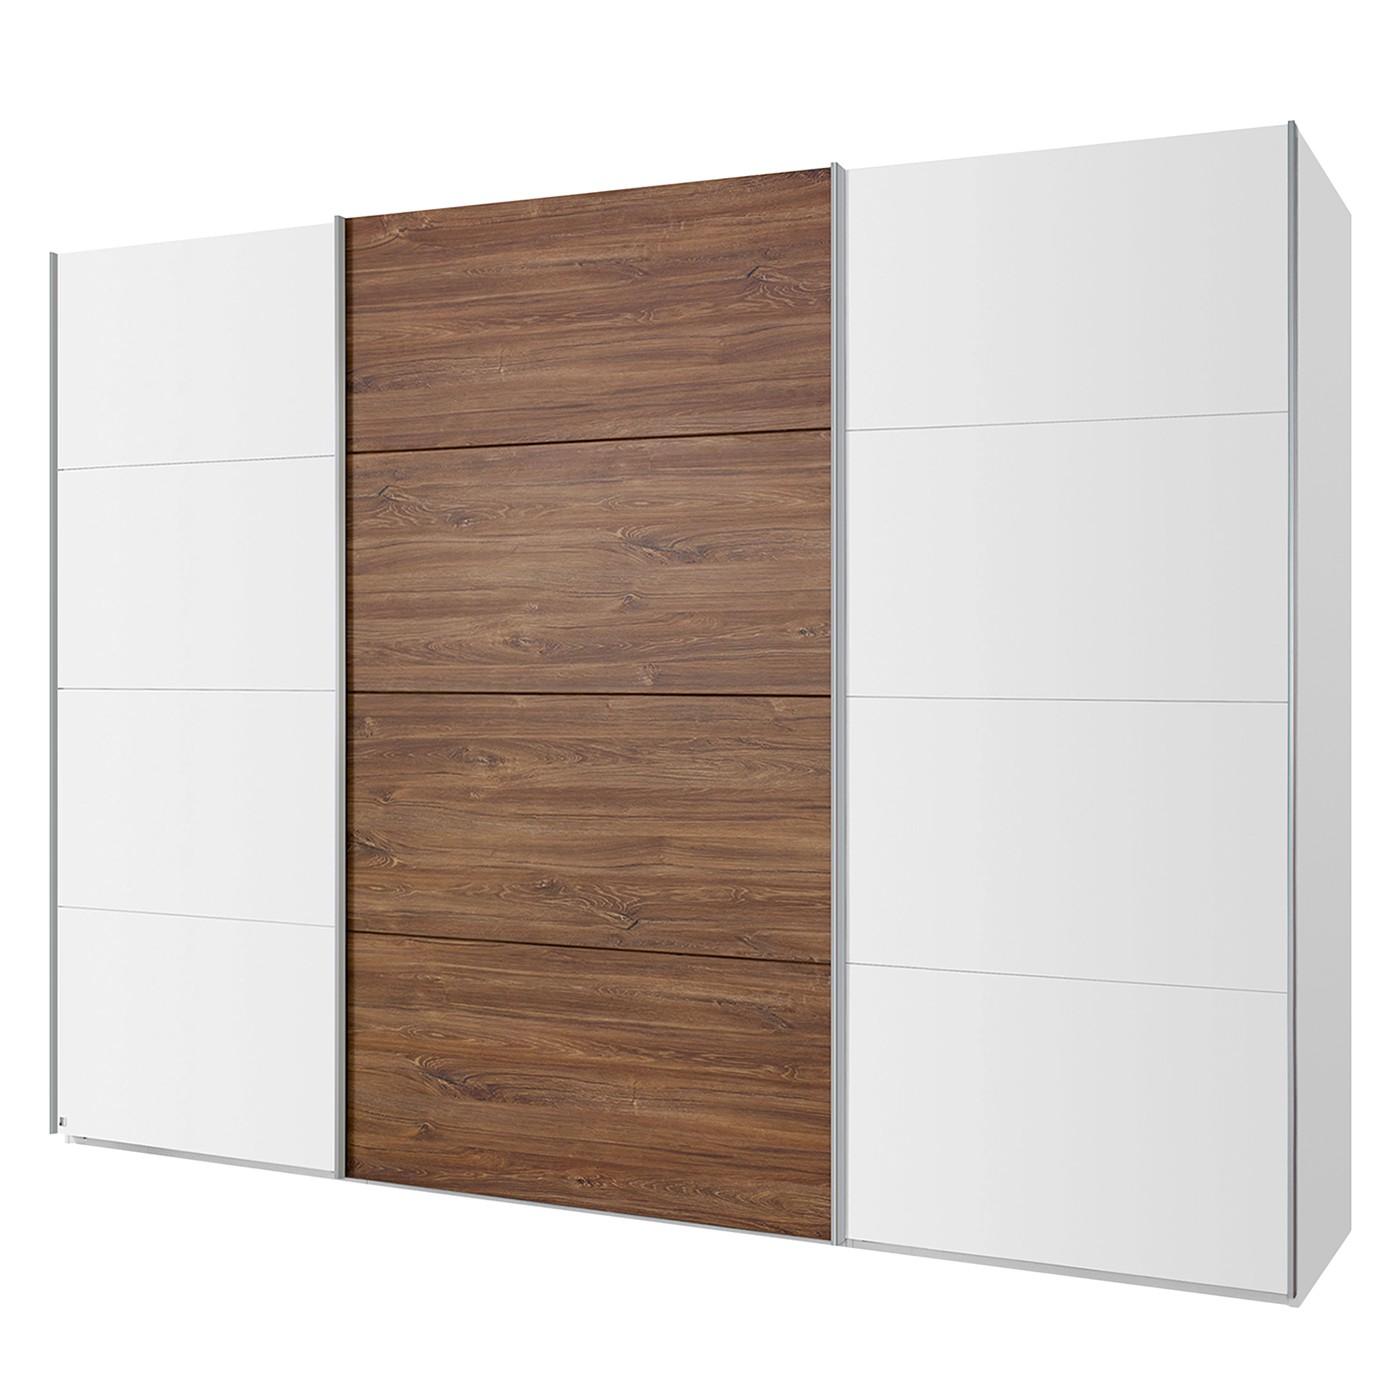 aa338 Zweefdeurkast Skop 360cm 3 deurs 236cm Basic Skop